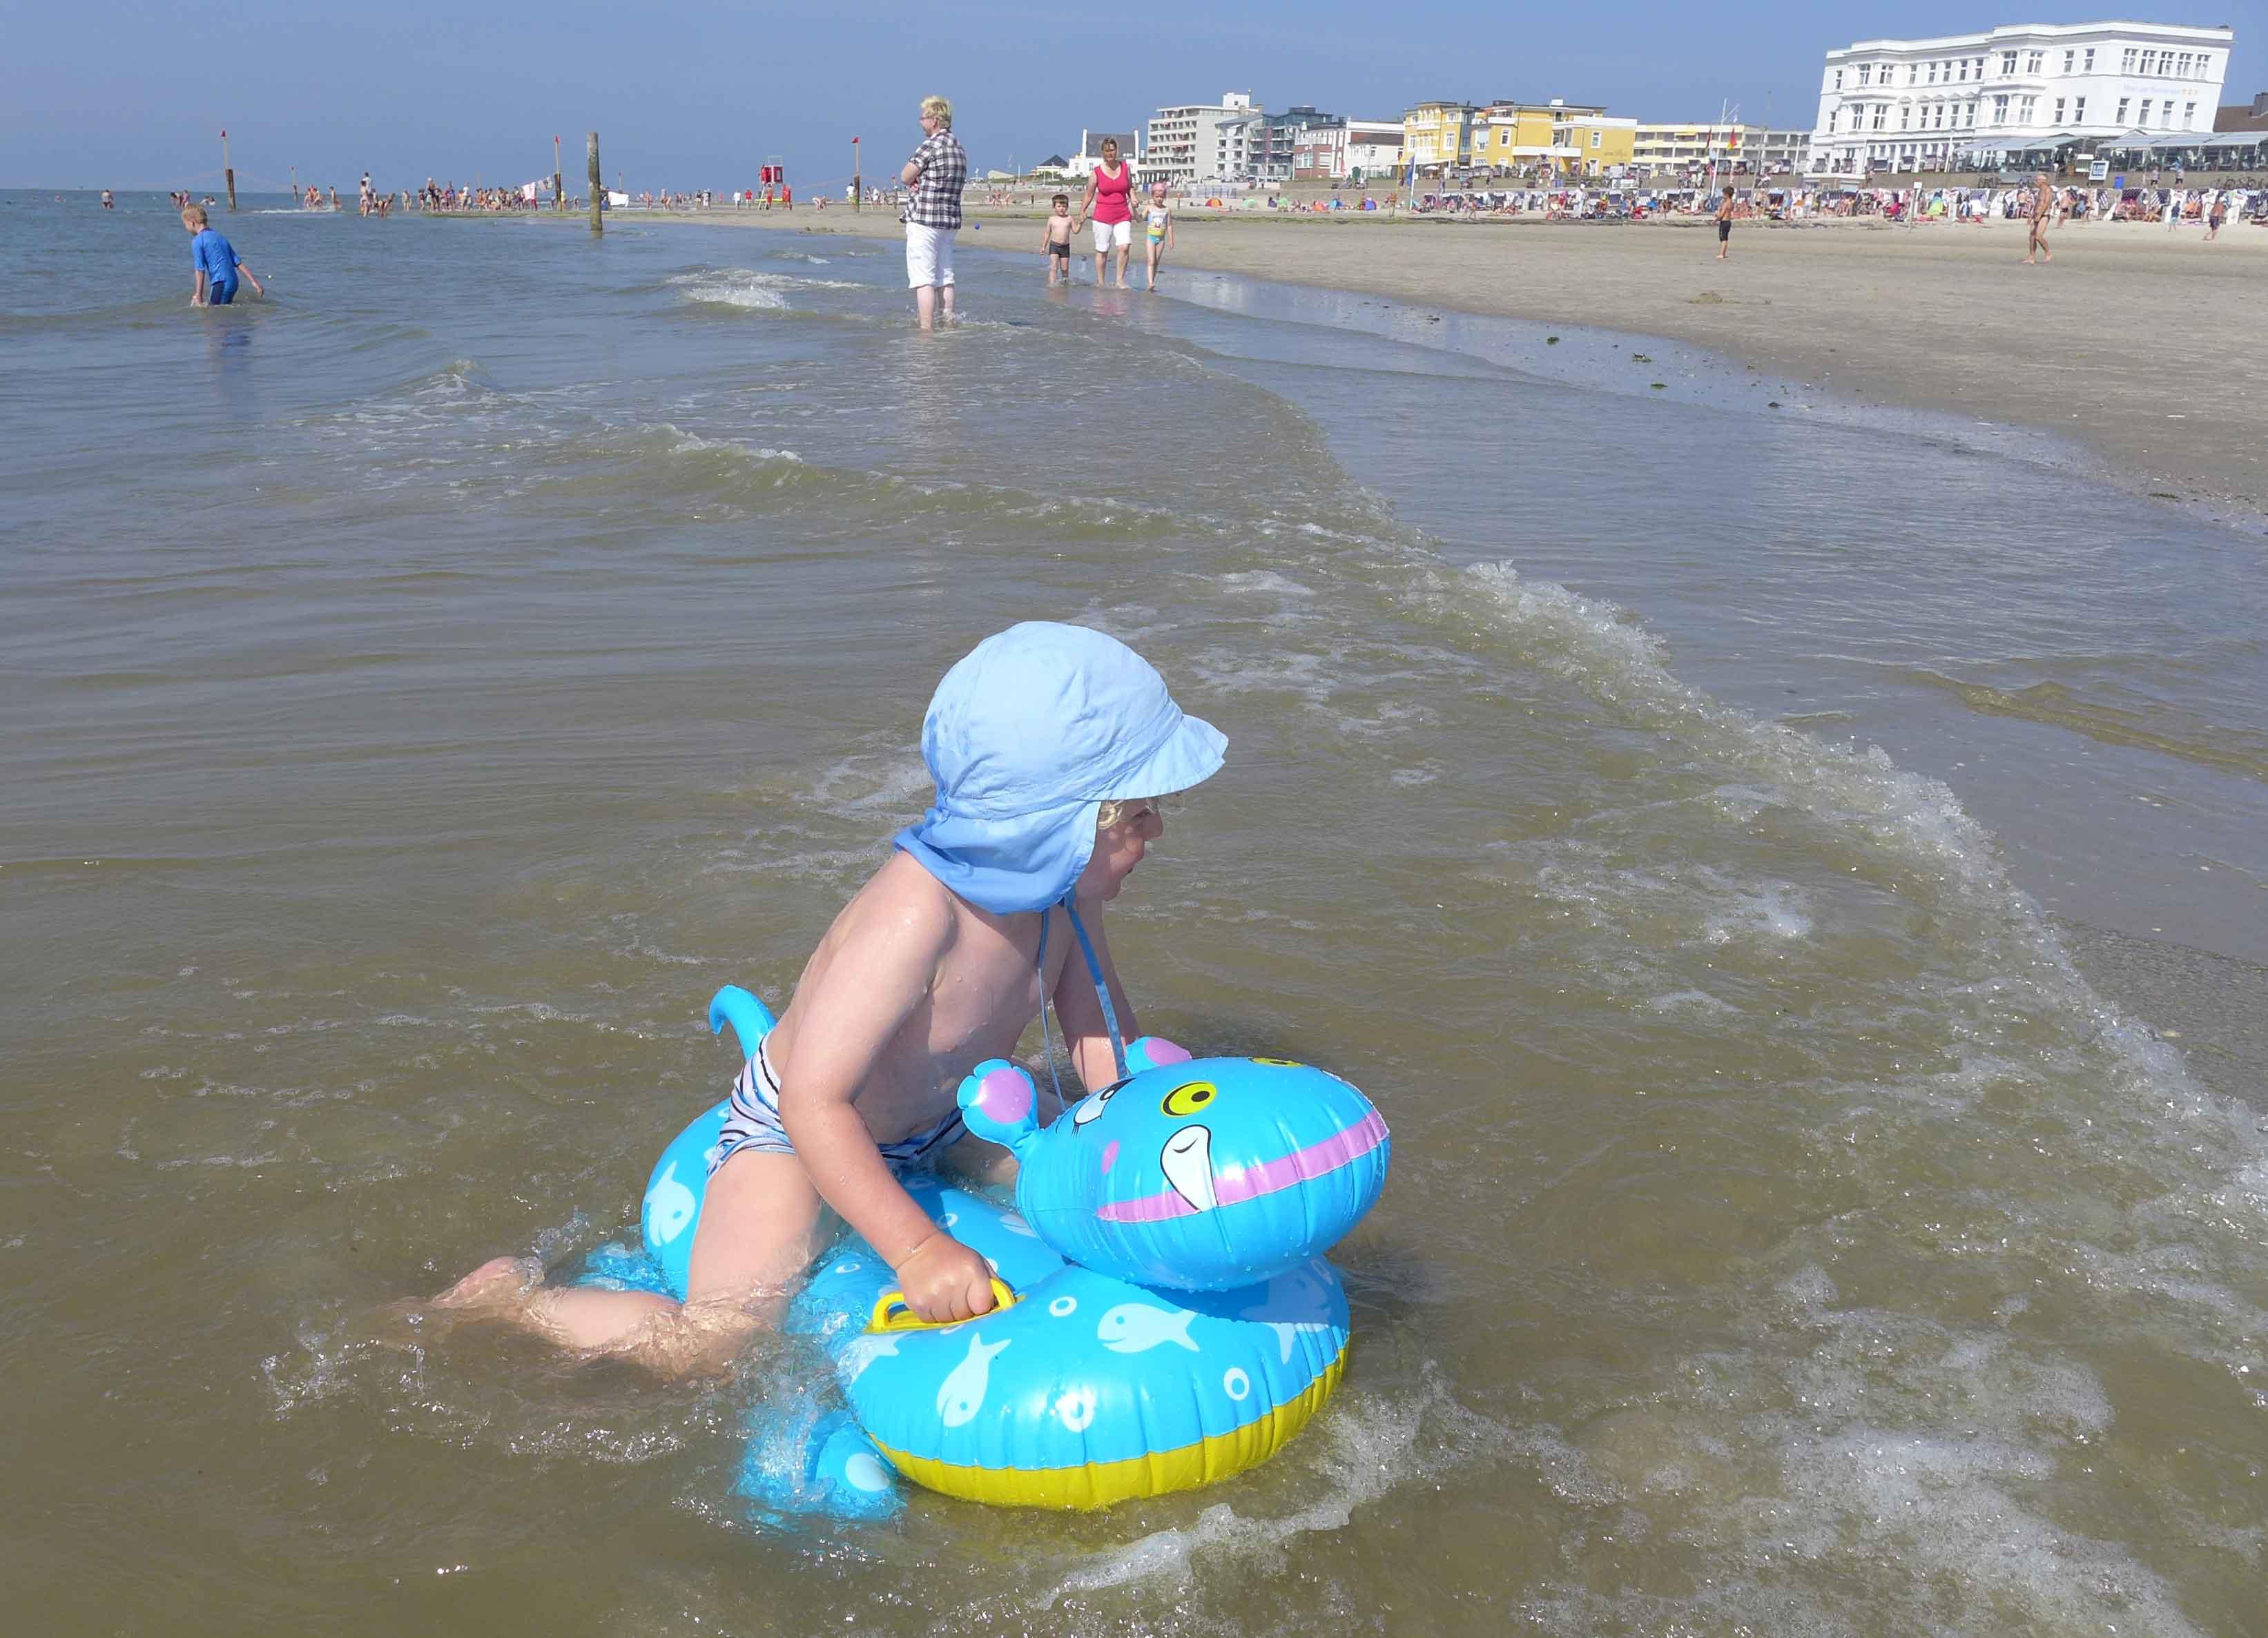 Kleinkind auf einem Schwimmtier  in der Nordsee.